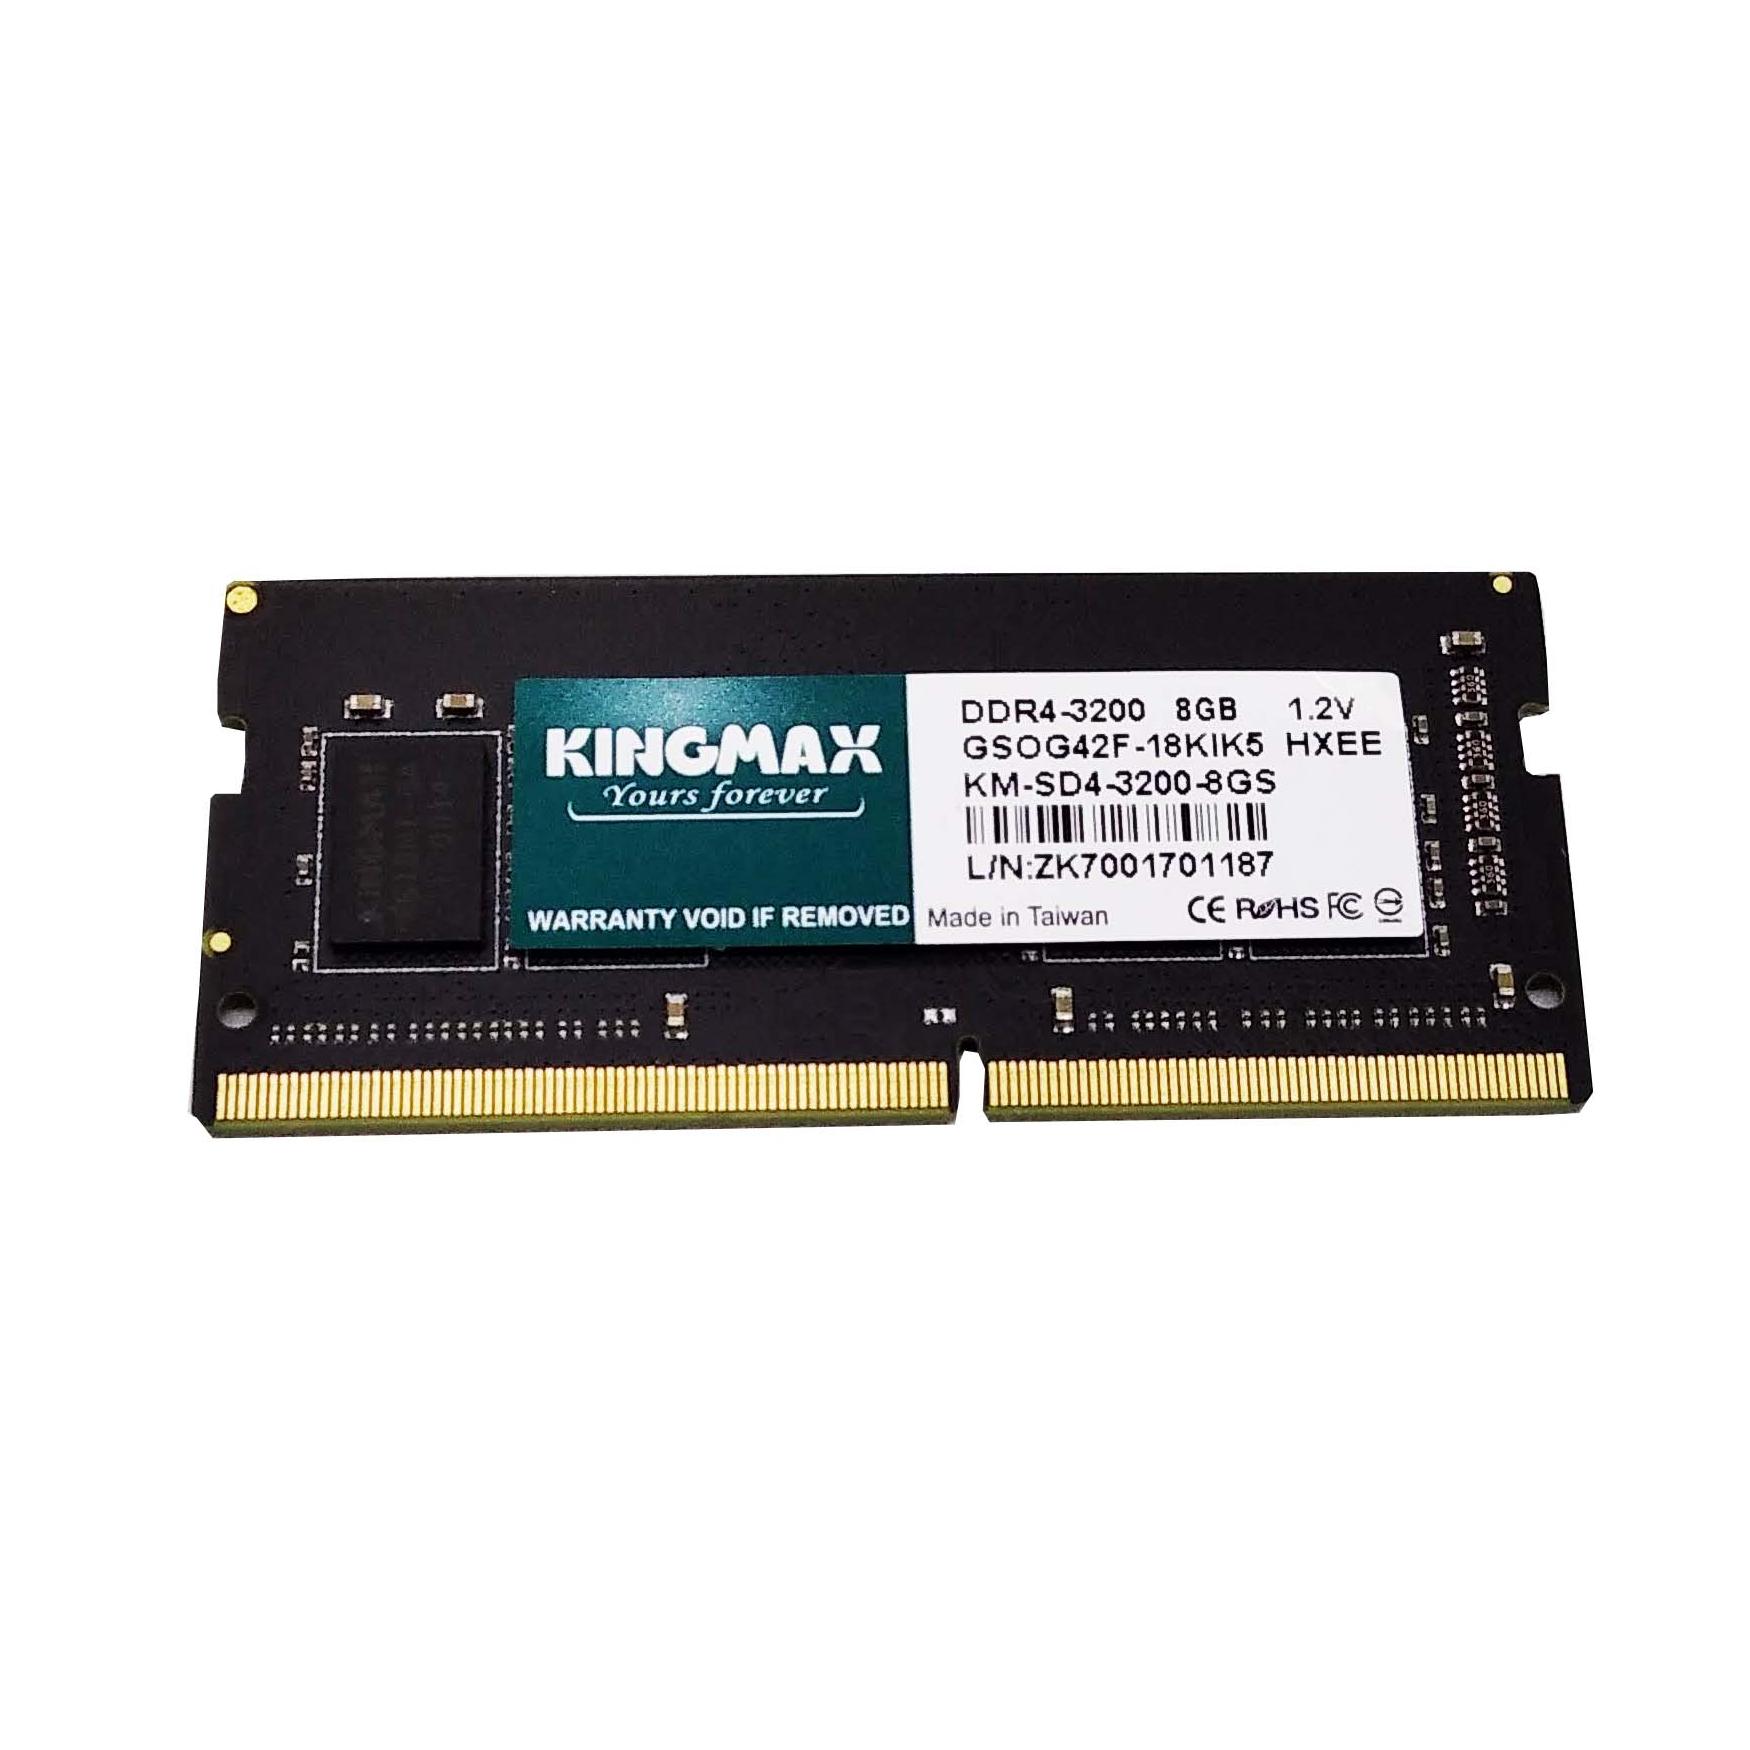 Kingmax Memory RAM 8GB DDR4 3200 SoDimm [GSOG42F-18]